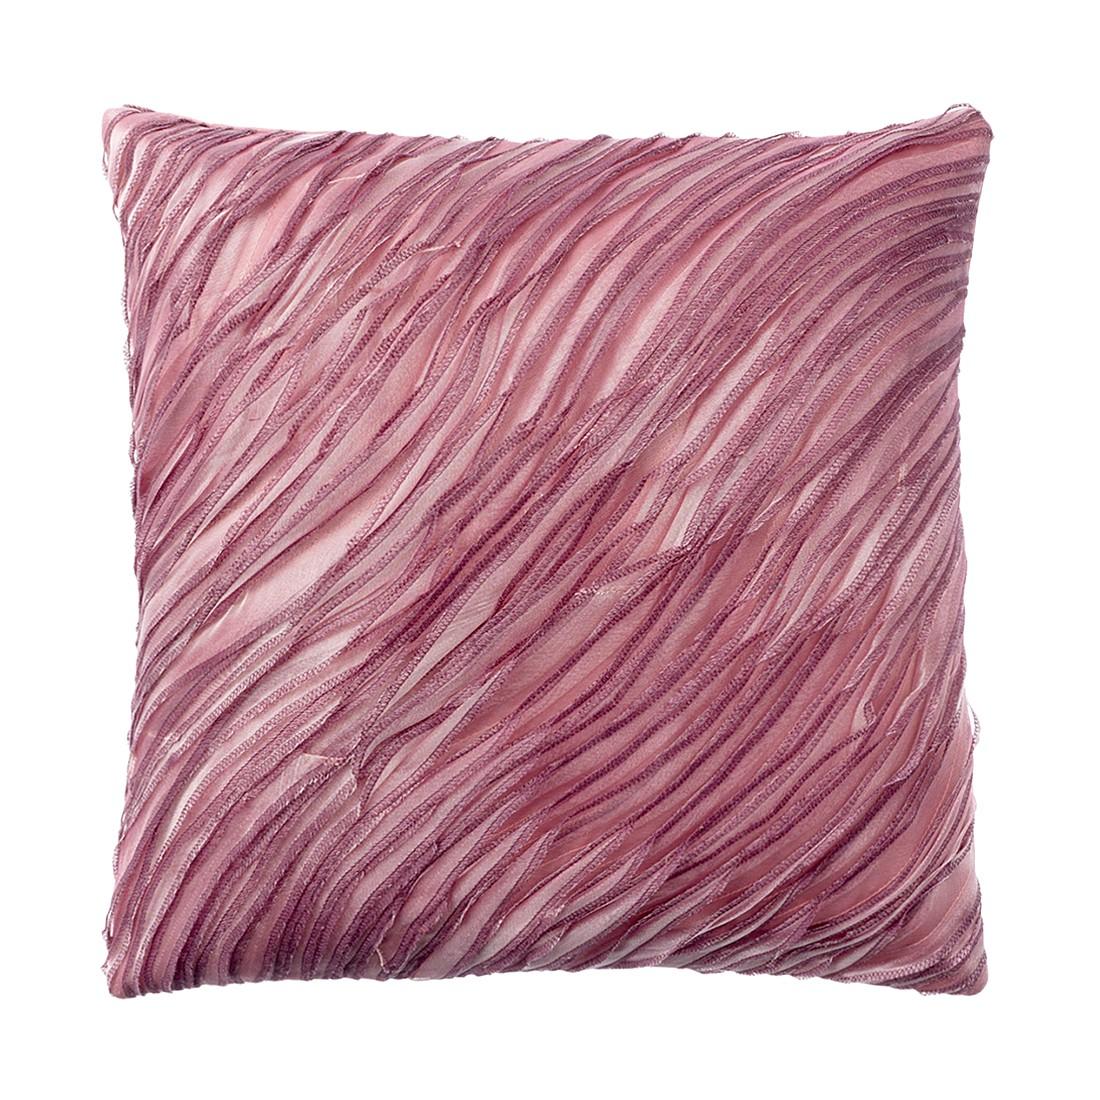 Kissen Aurora – 45 X 45 cm, Aubergine, Polyester / Baumwolle – Kissenhülle, ohne Füllung, Dutch Decor kaufen